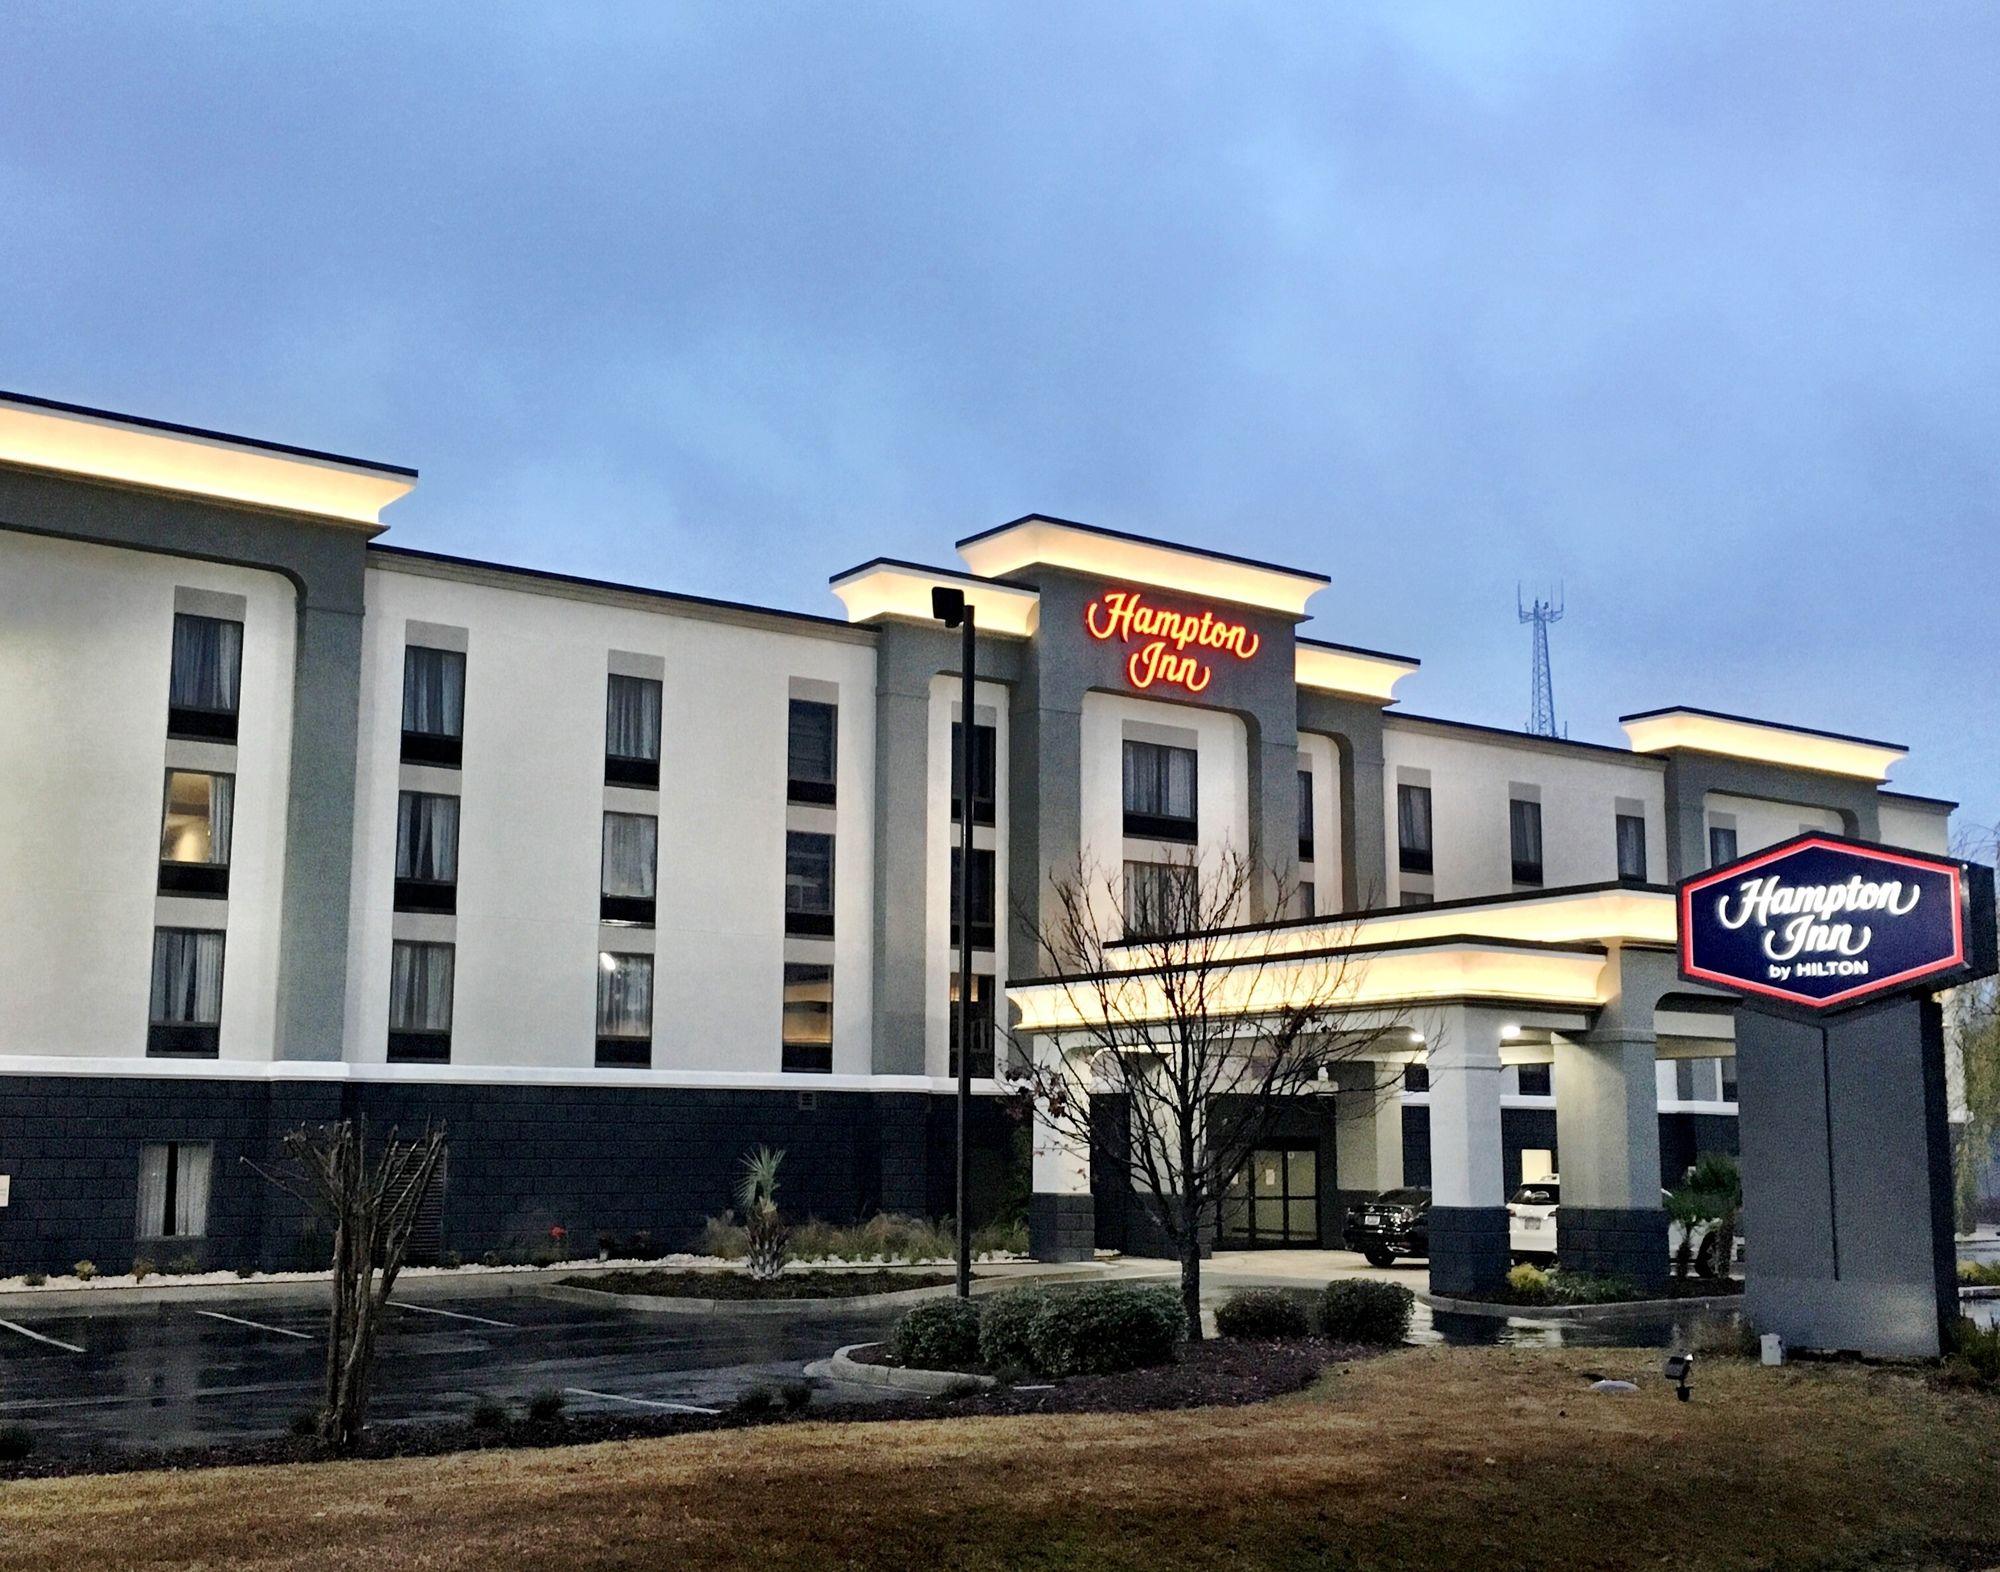 Hampton Inn - Point South Yemassee in Yemassee, SC